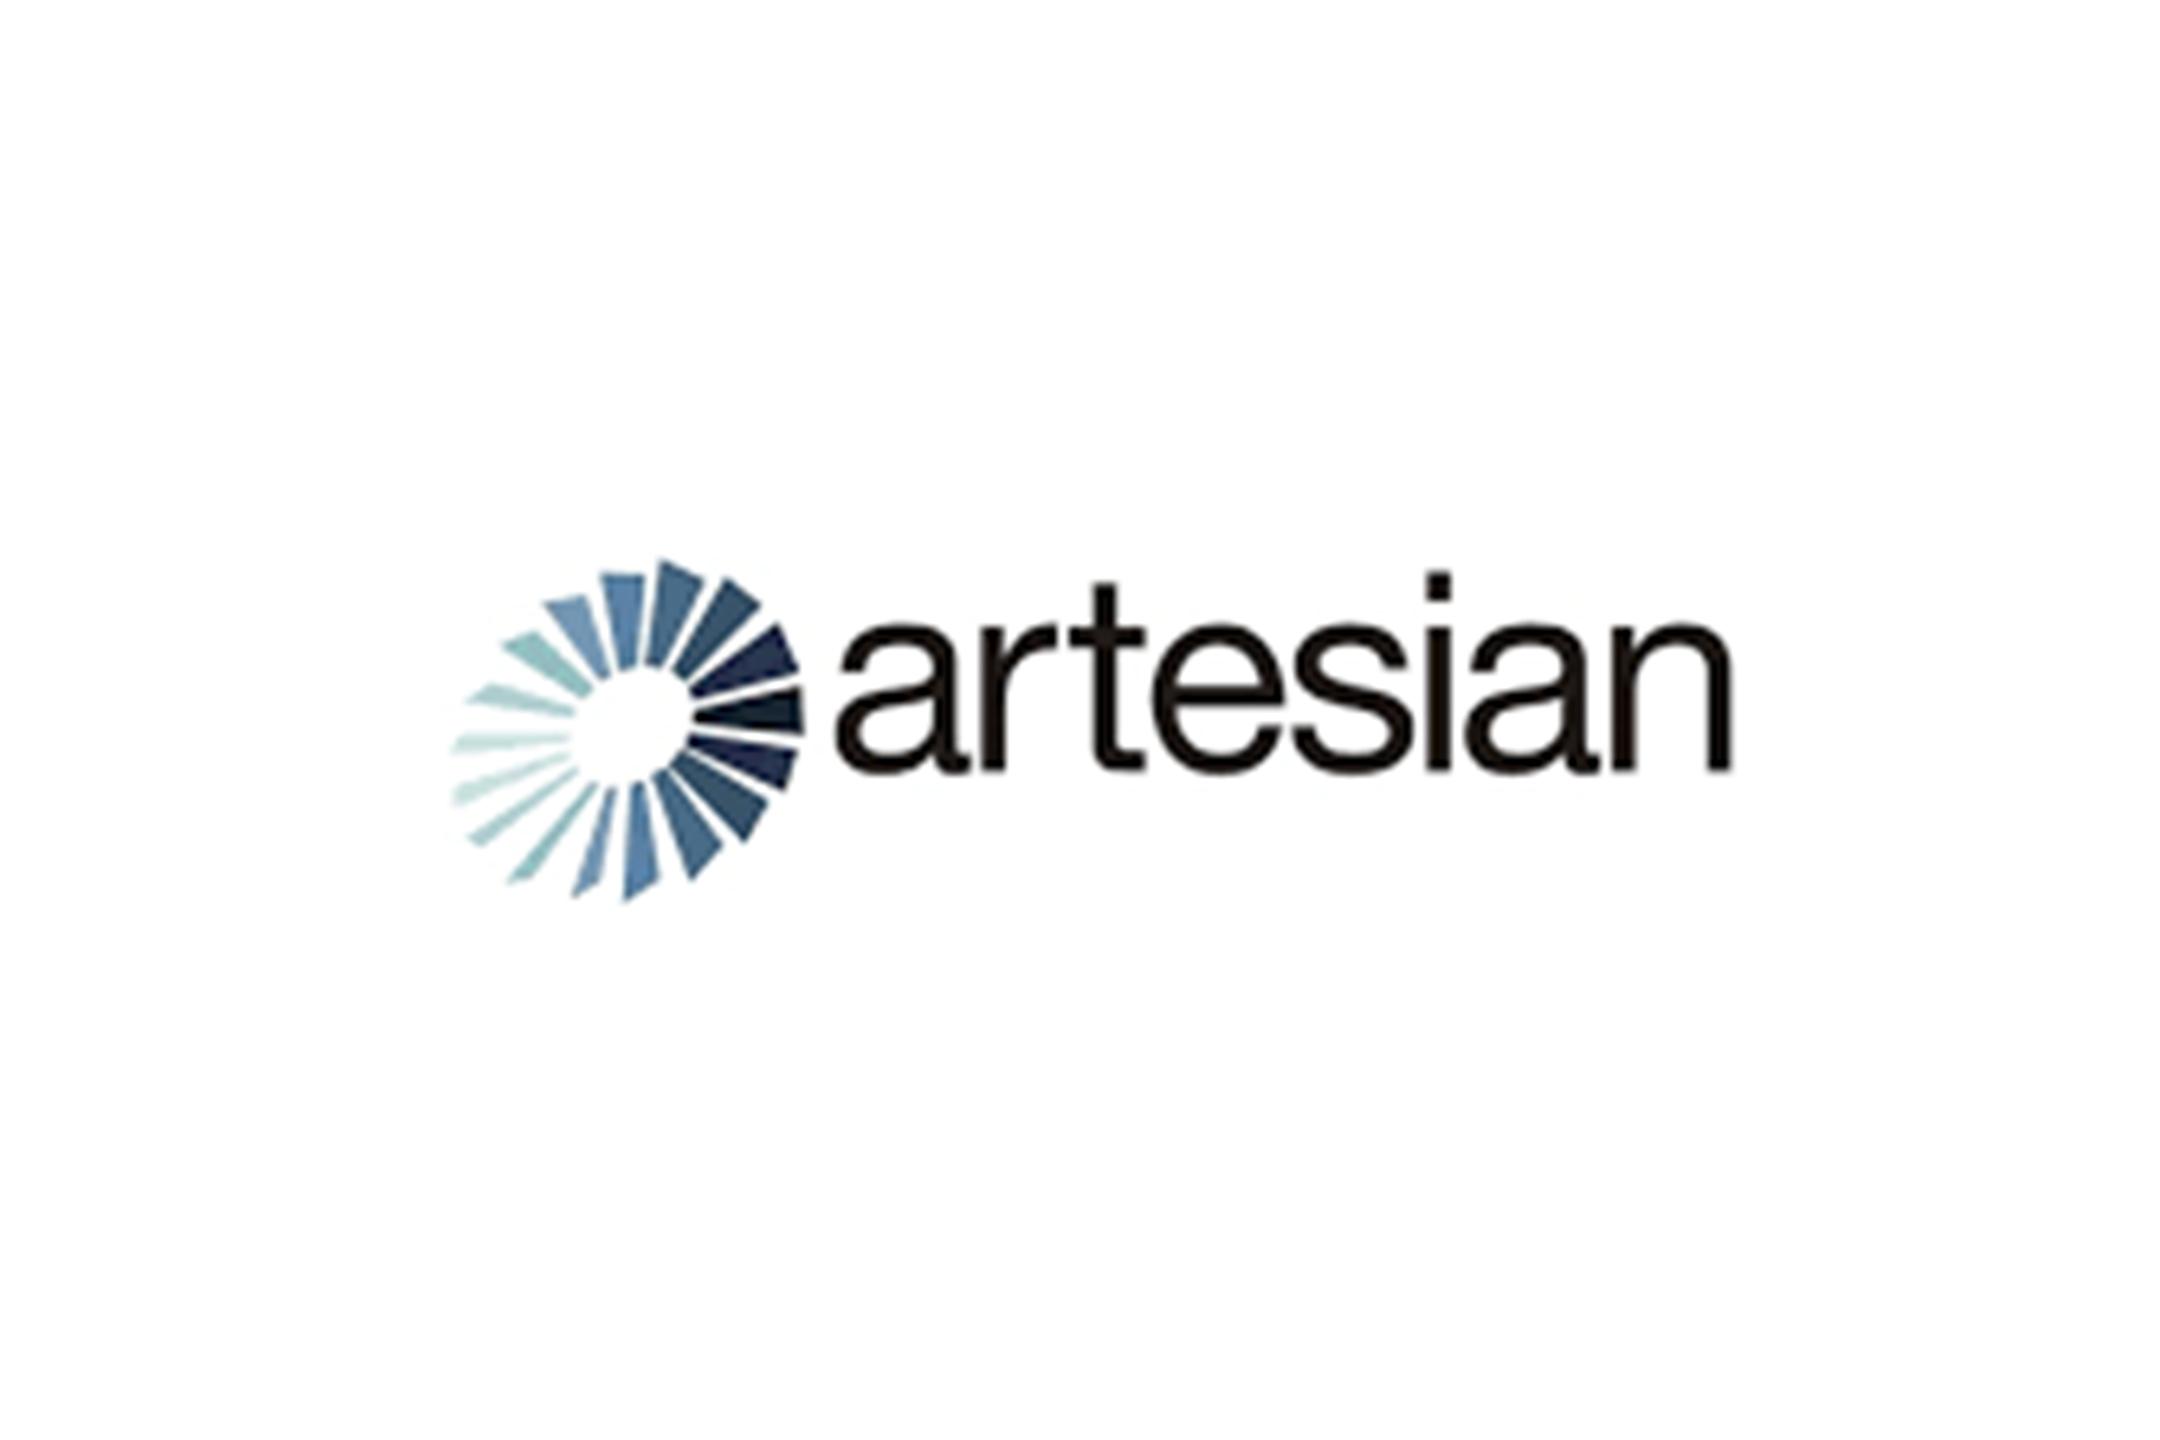 Partnership LogoArtesian.jpg